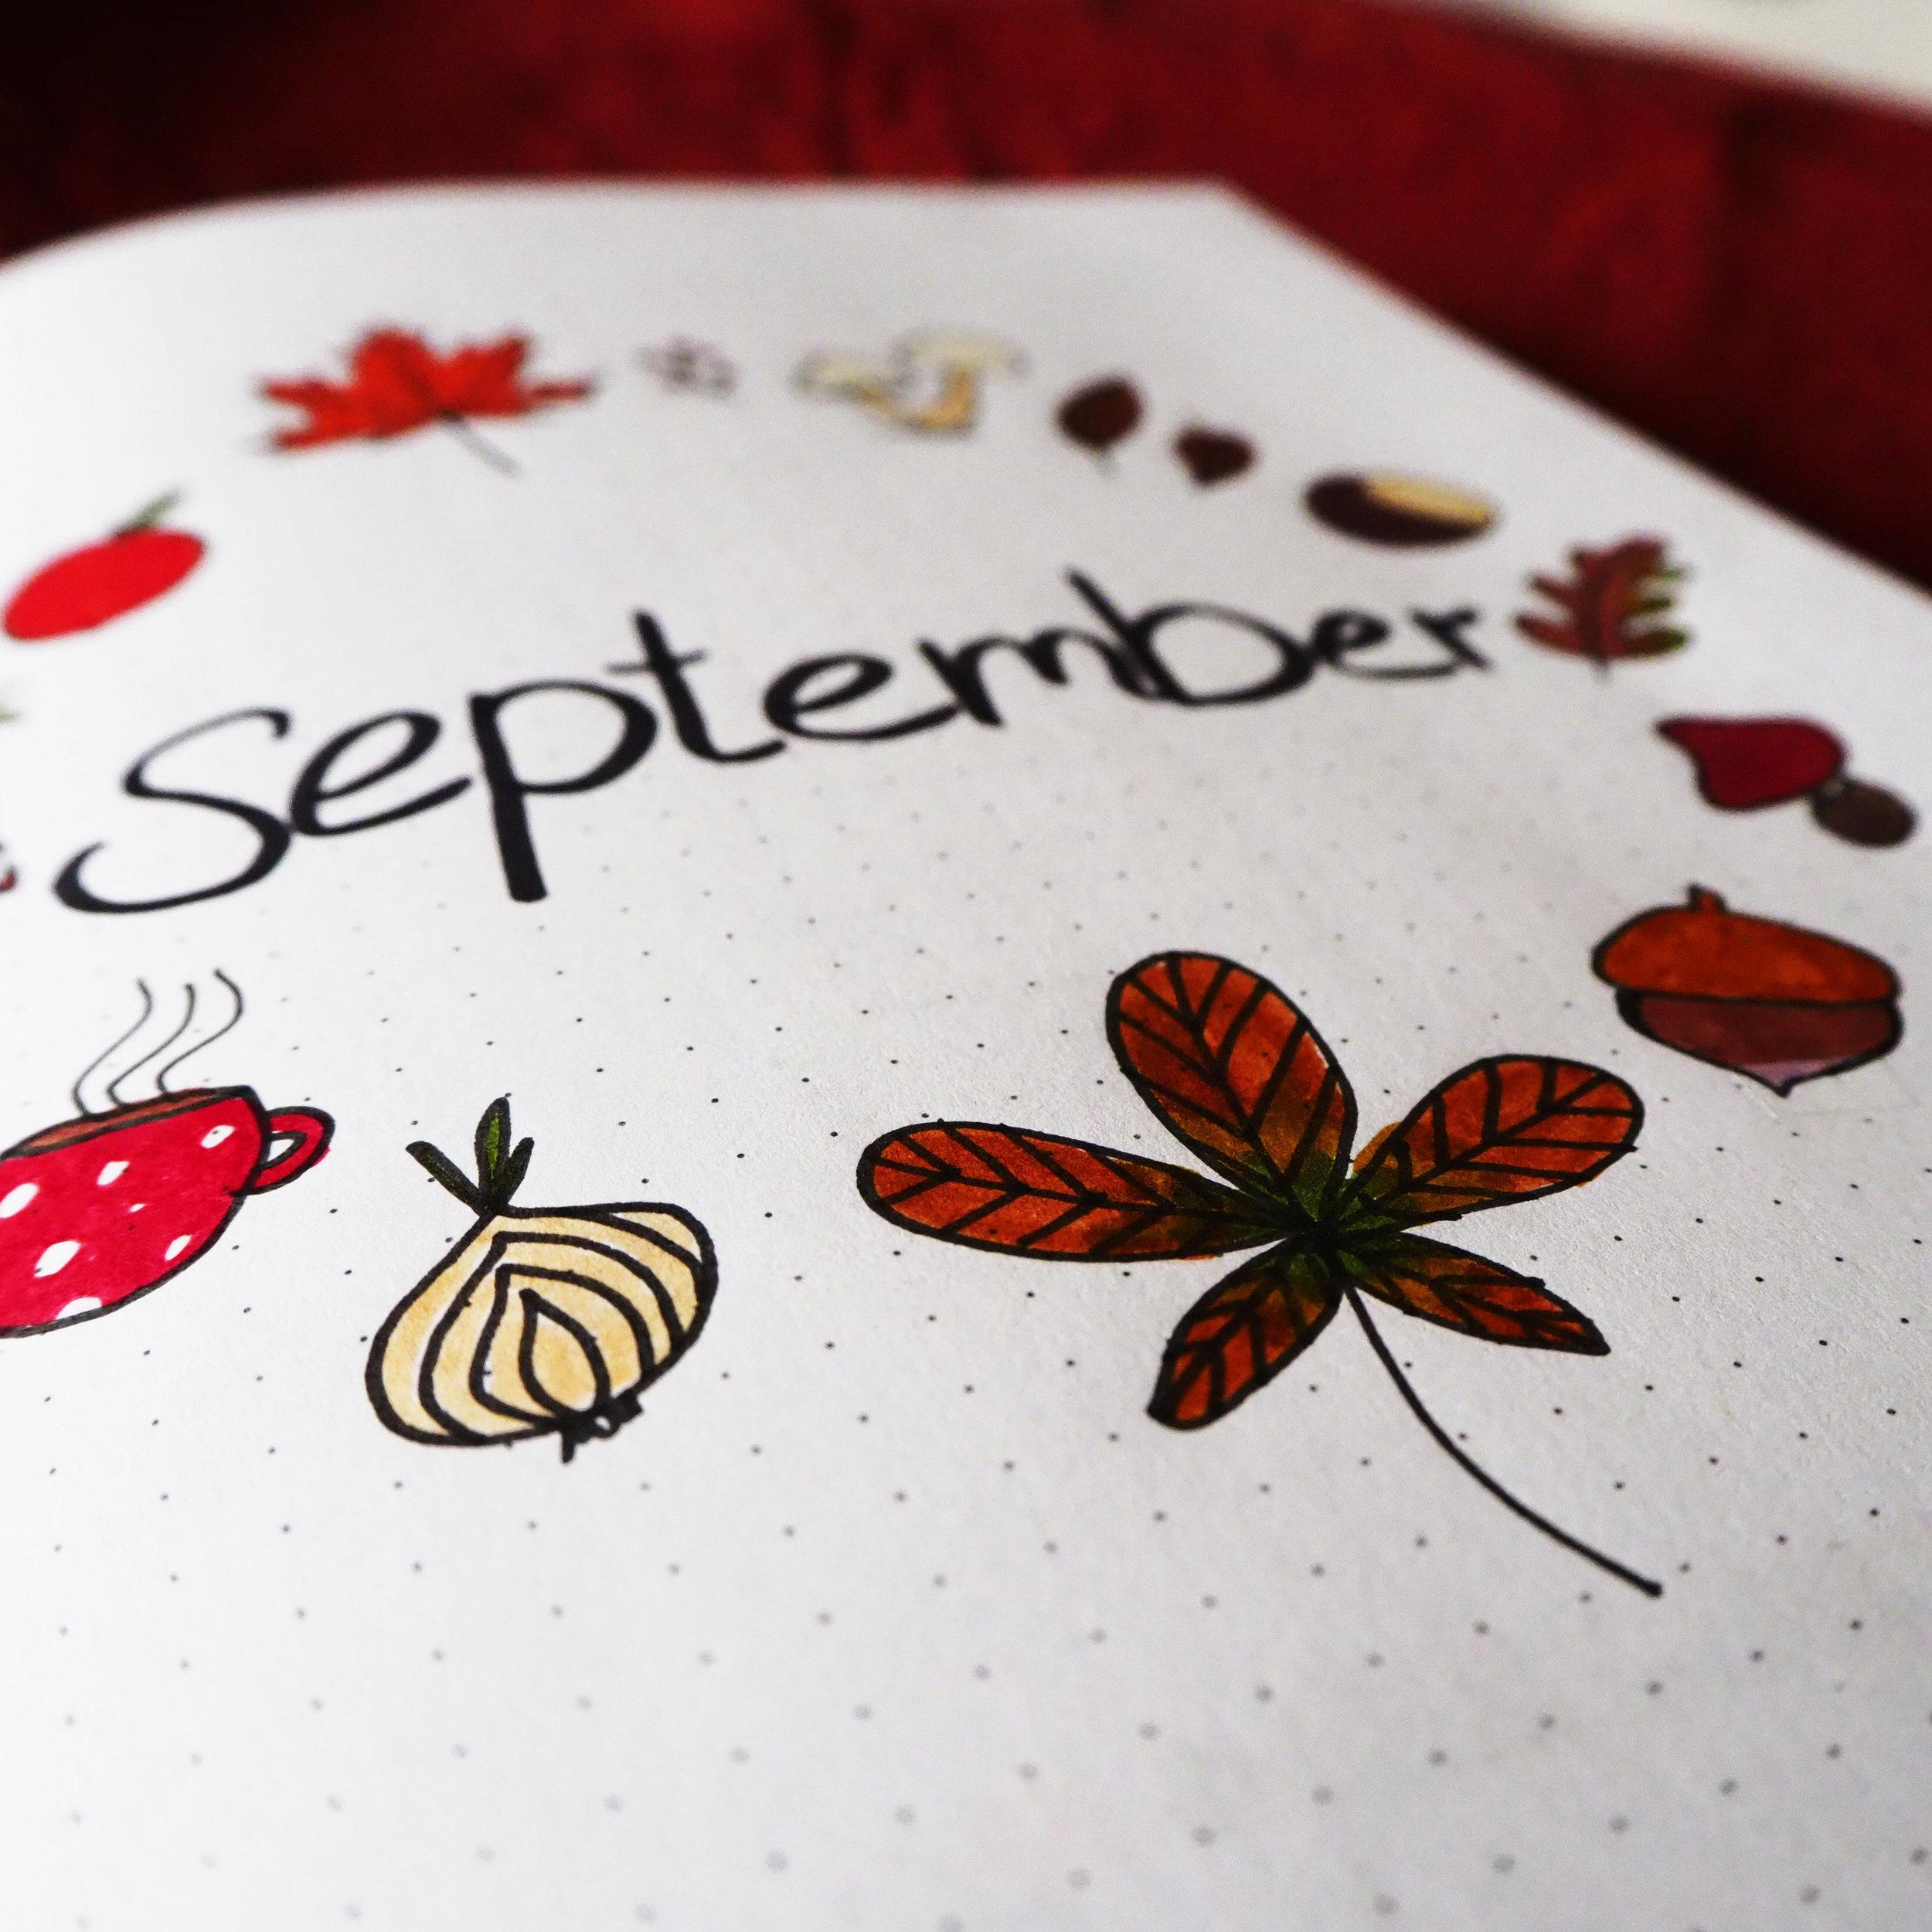 09_september2.jpg